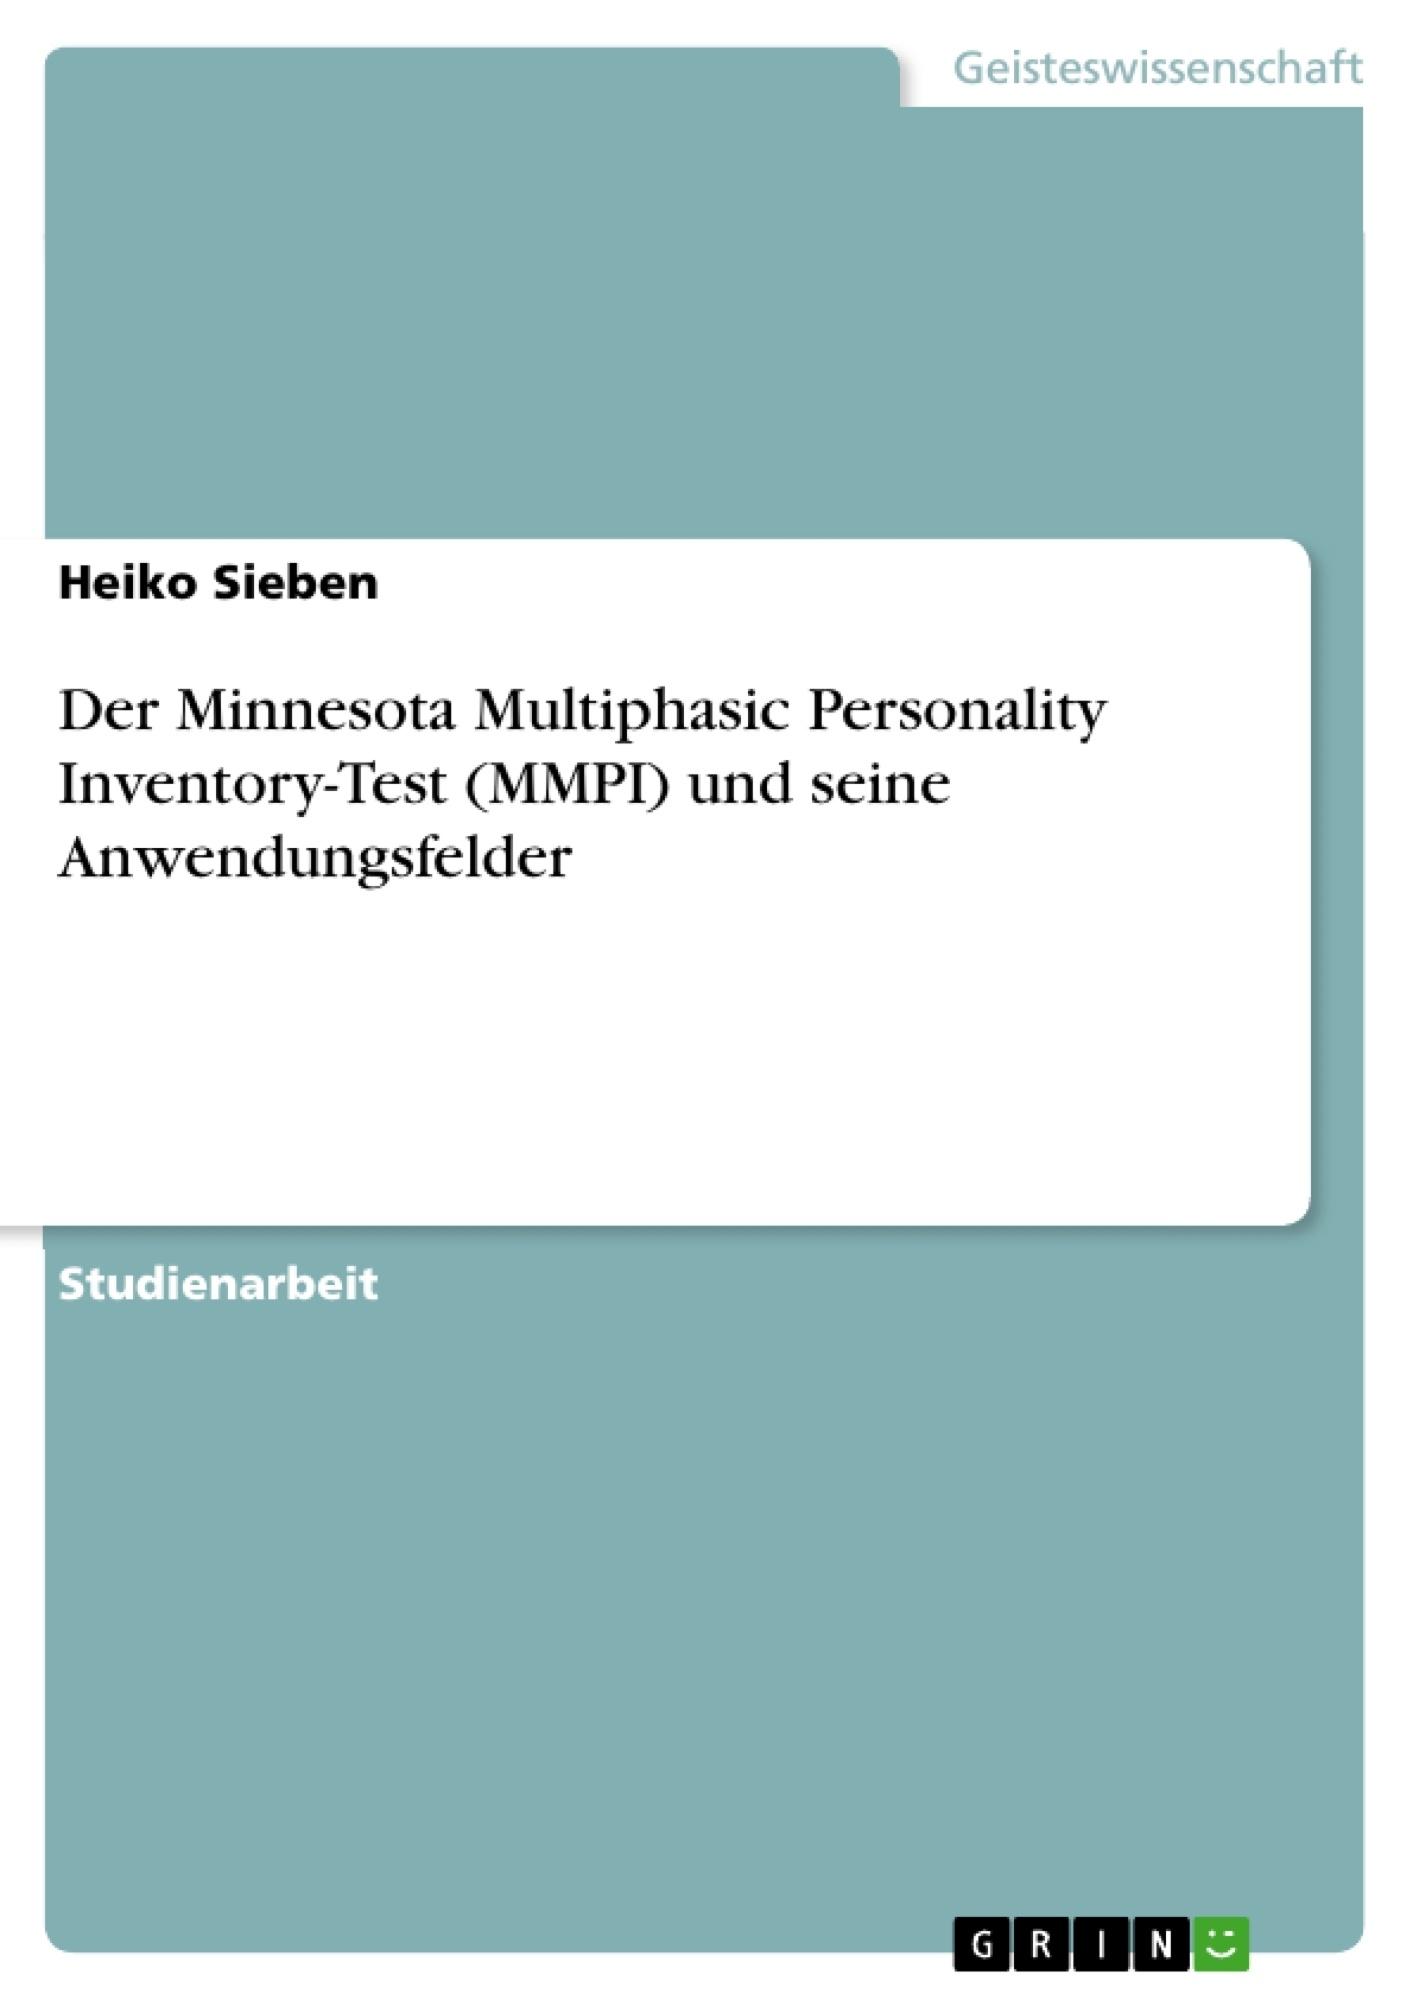 Titel: Der Minnesota Multiphasic Personality Inventory-Test (MMPI) und seine Anwendungsfelder